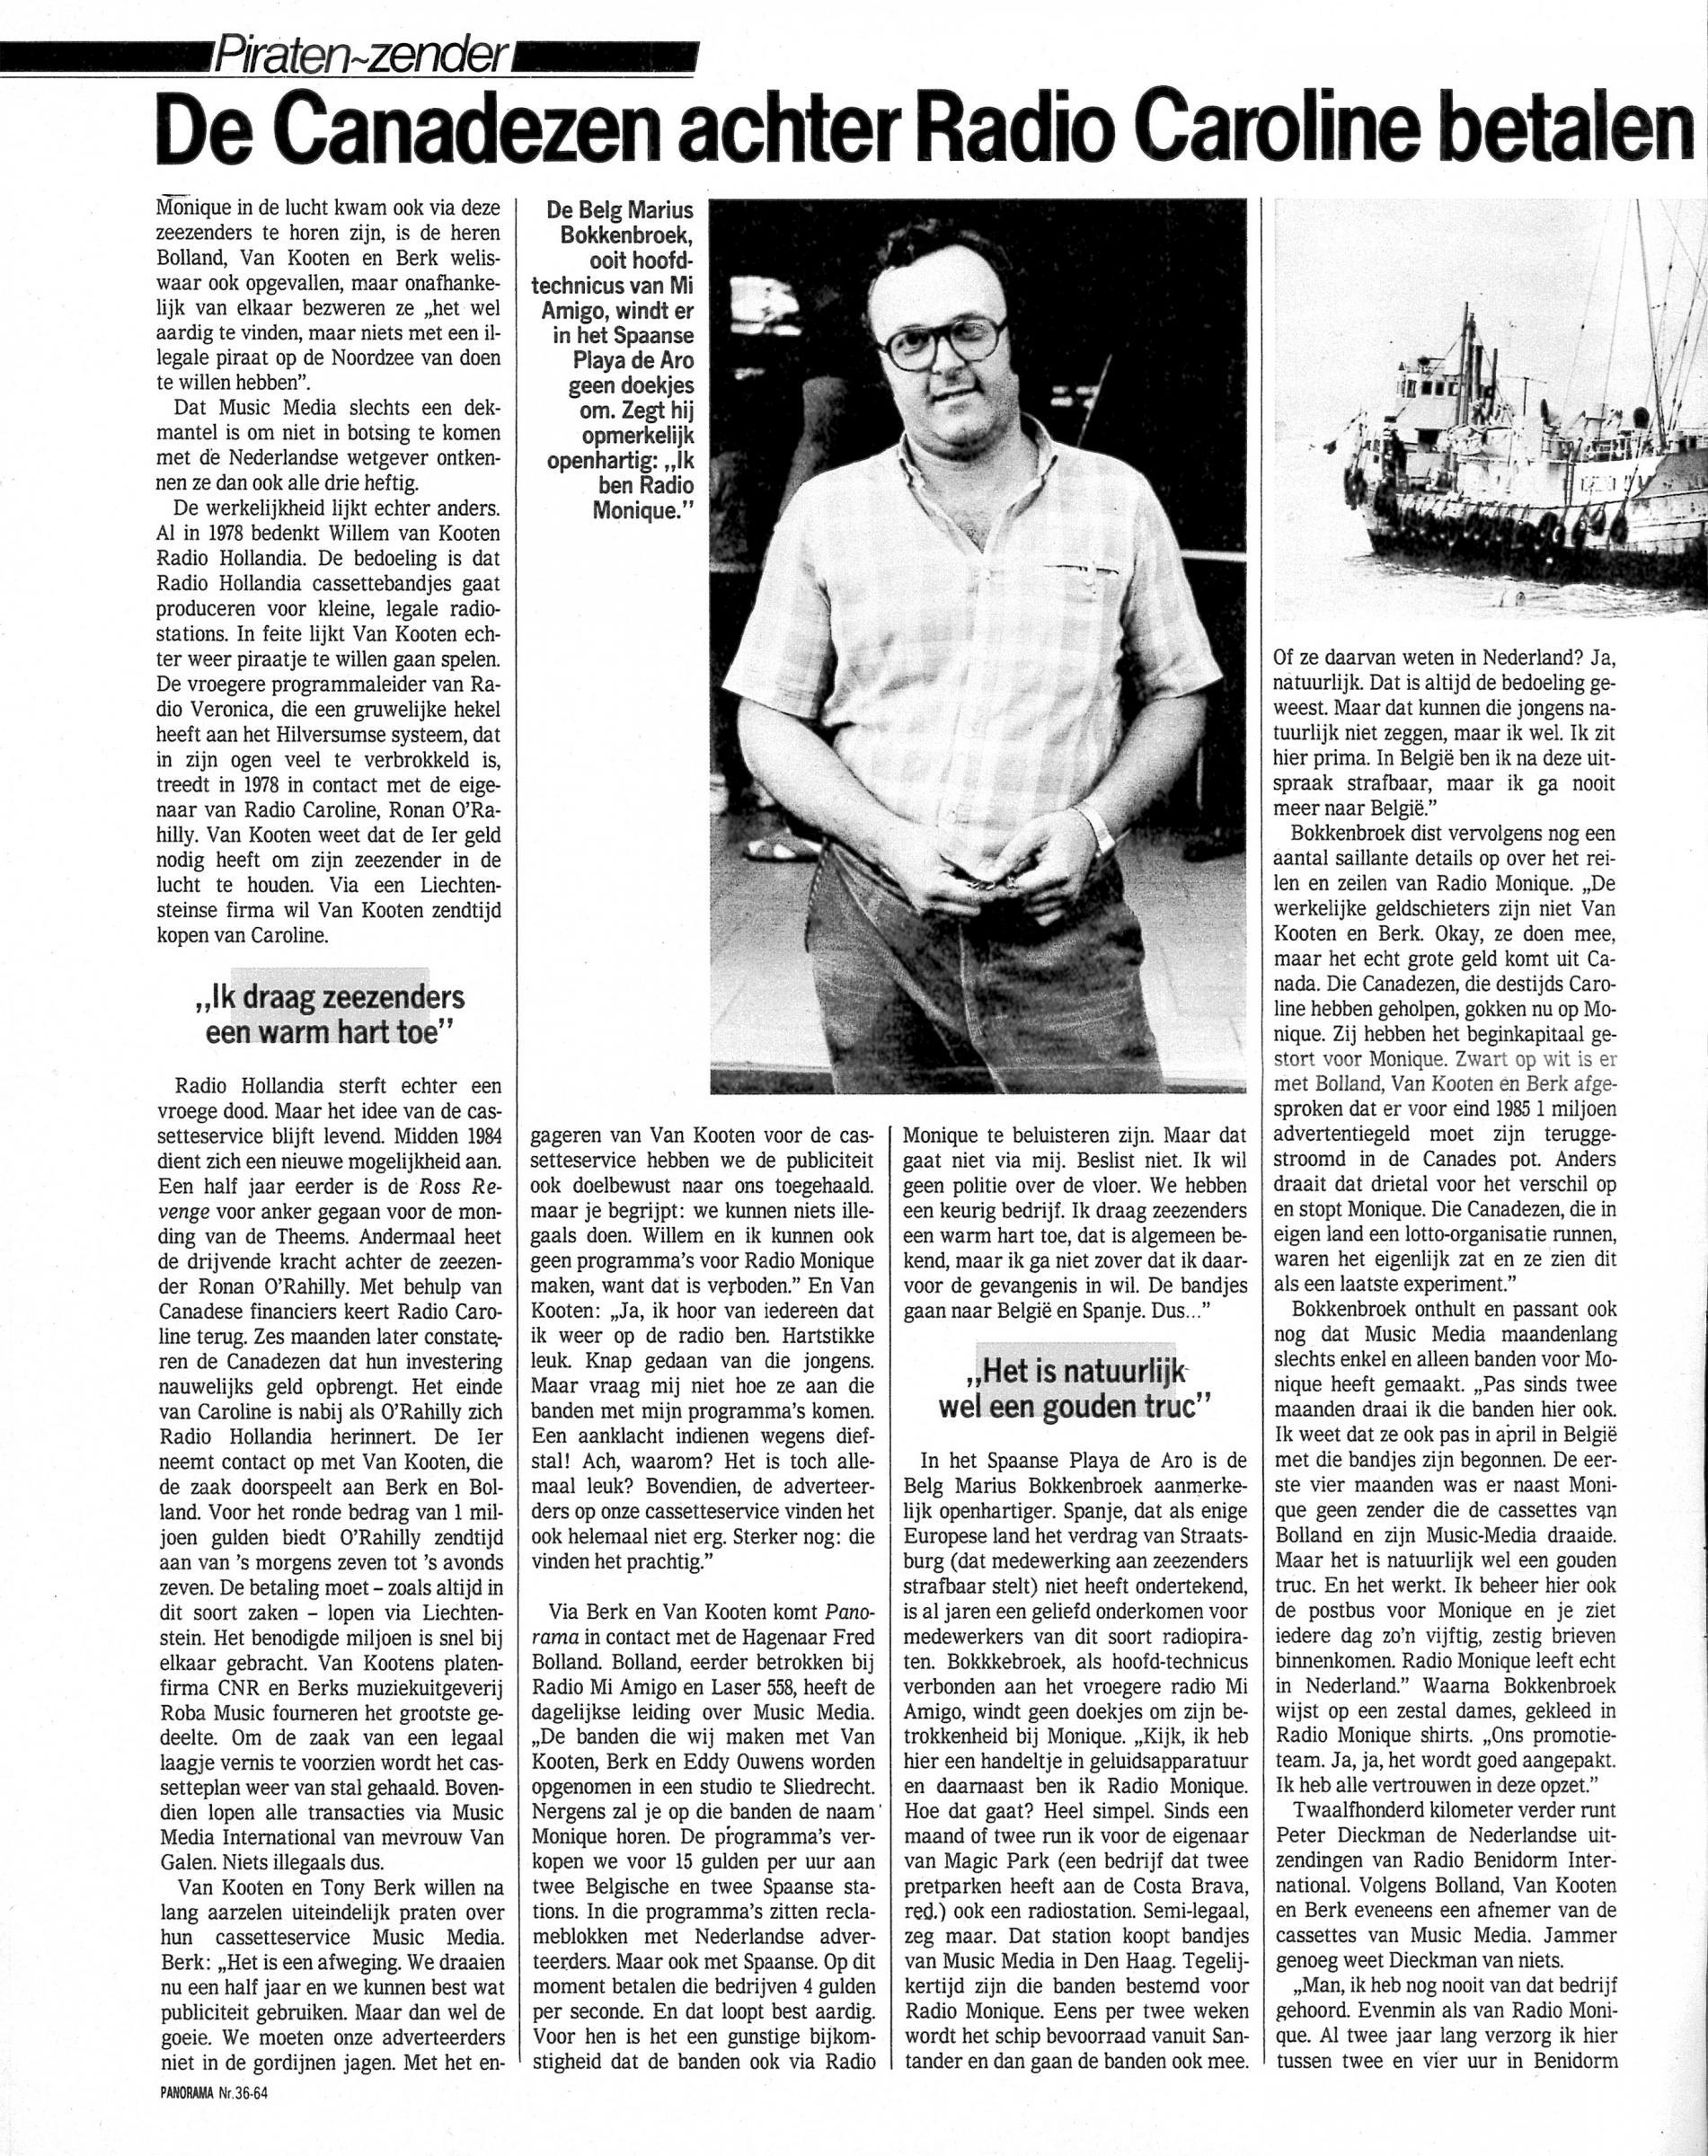 19850906 weekblad Het brein Hoe de stem van Joost via Radio Monique in de ether komt 03.jpg